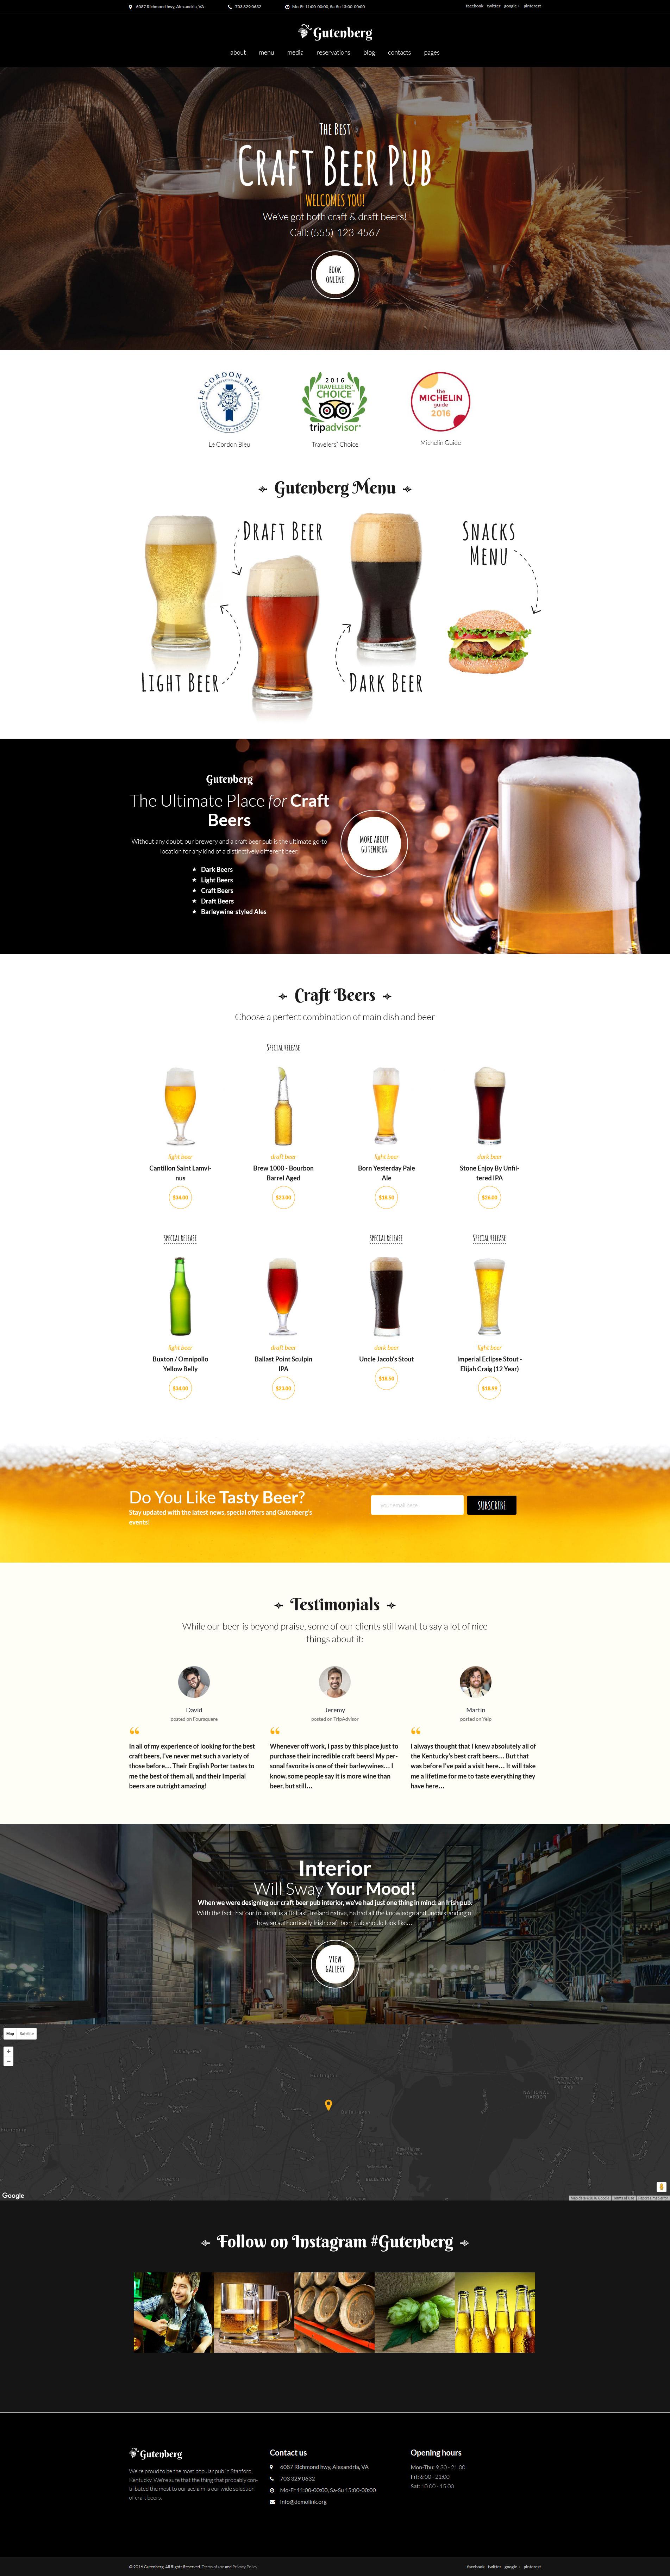 GutenBerg - Beer Pub and Brewery WordPress sablon 59005